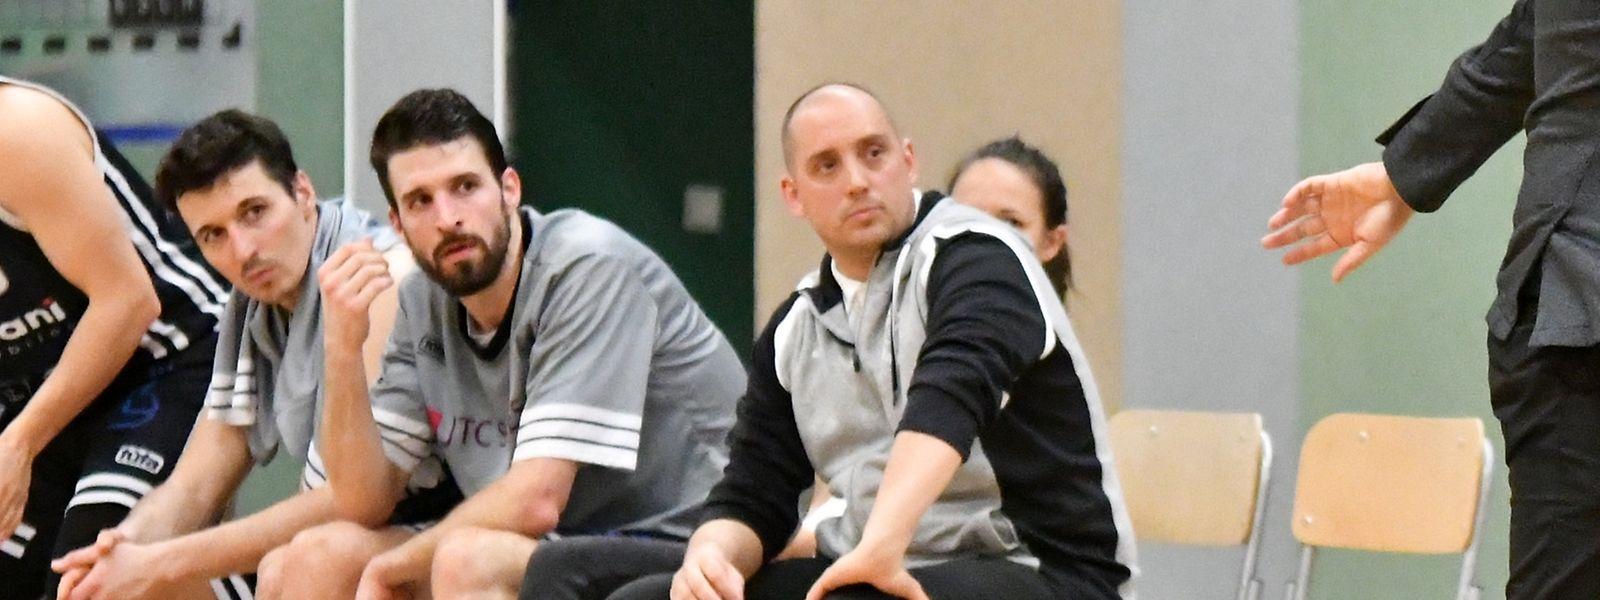 Chris Wulff (r.) wird Cheftrainer an der Mosel.